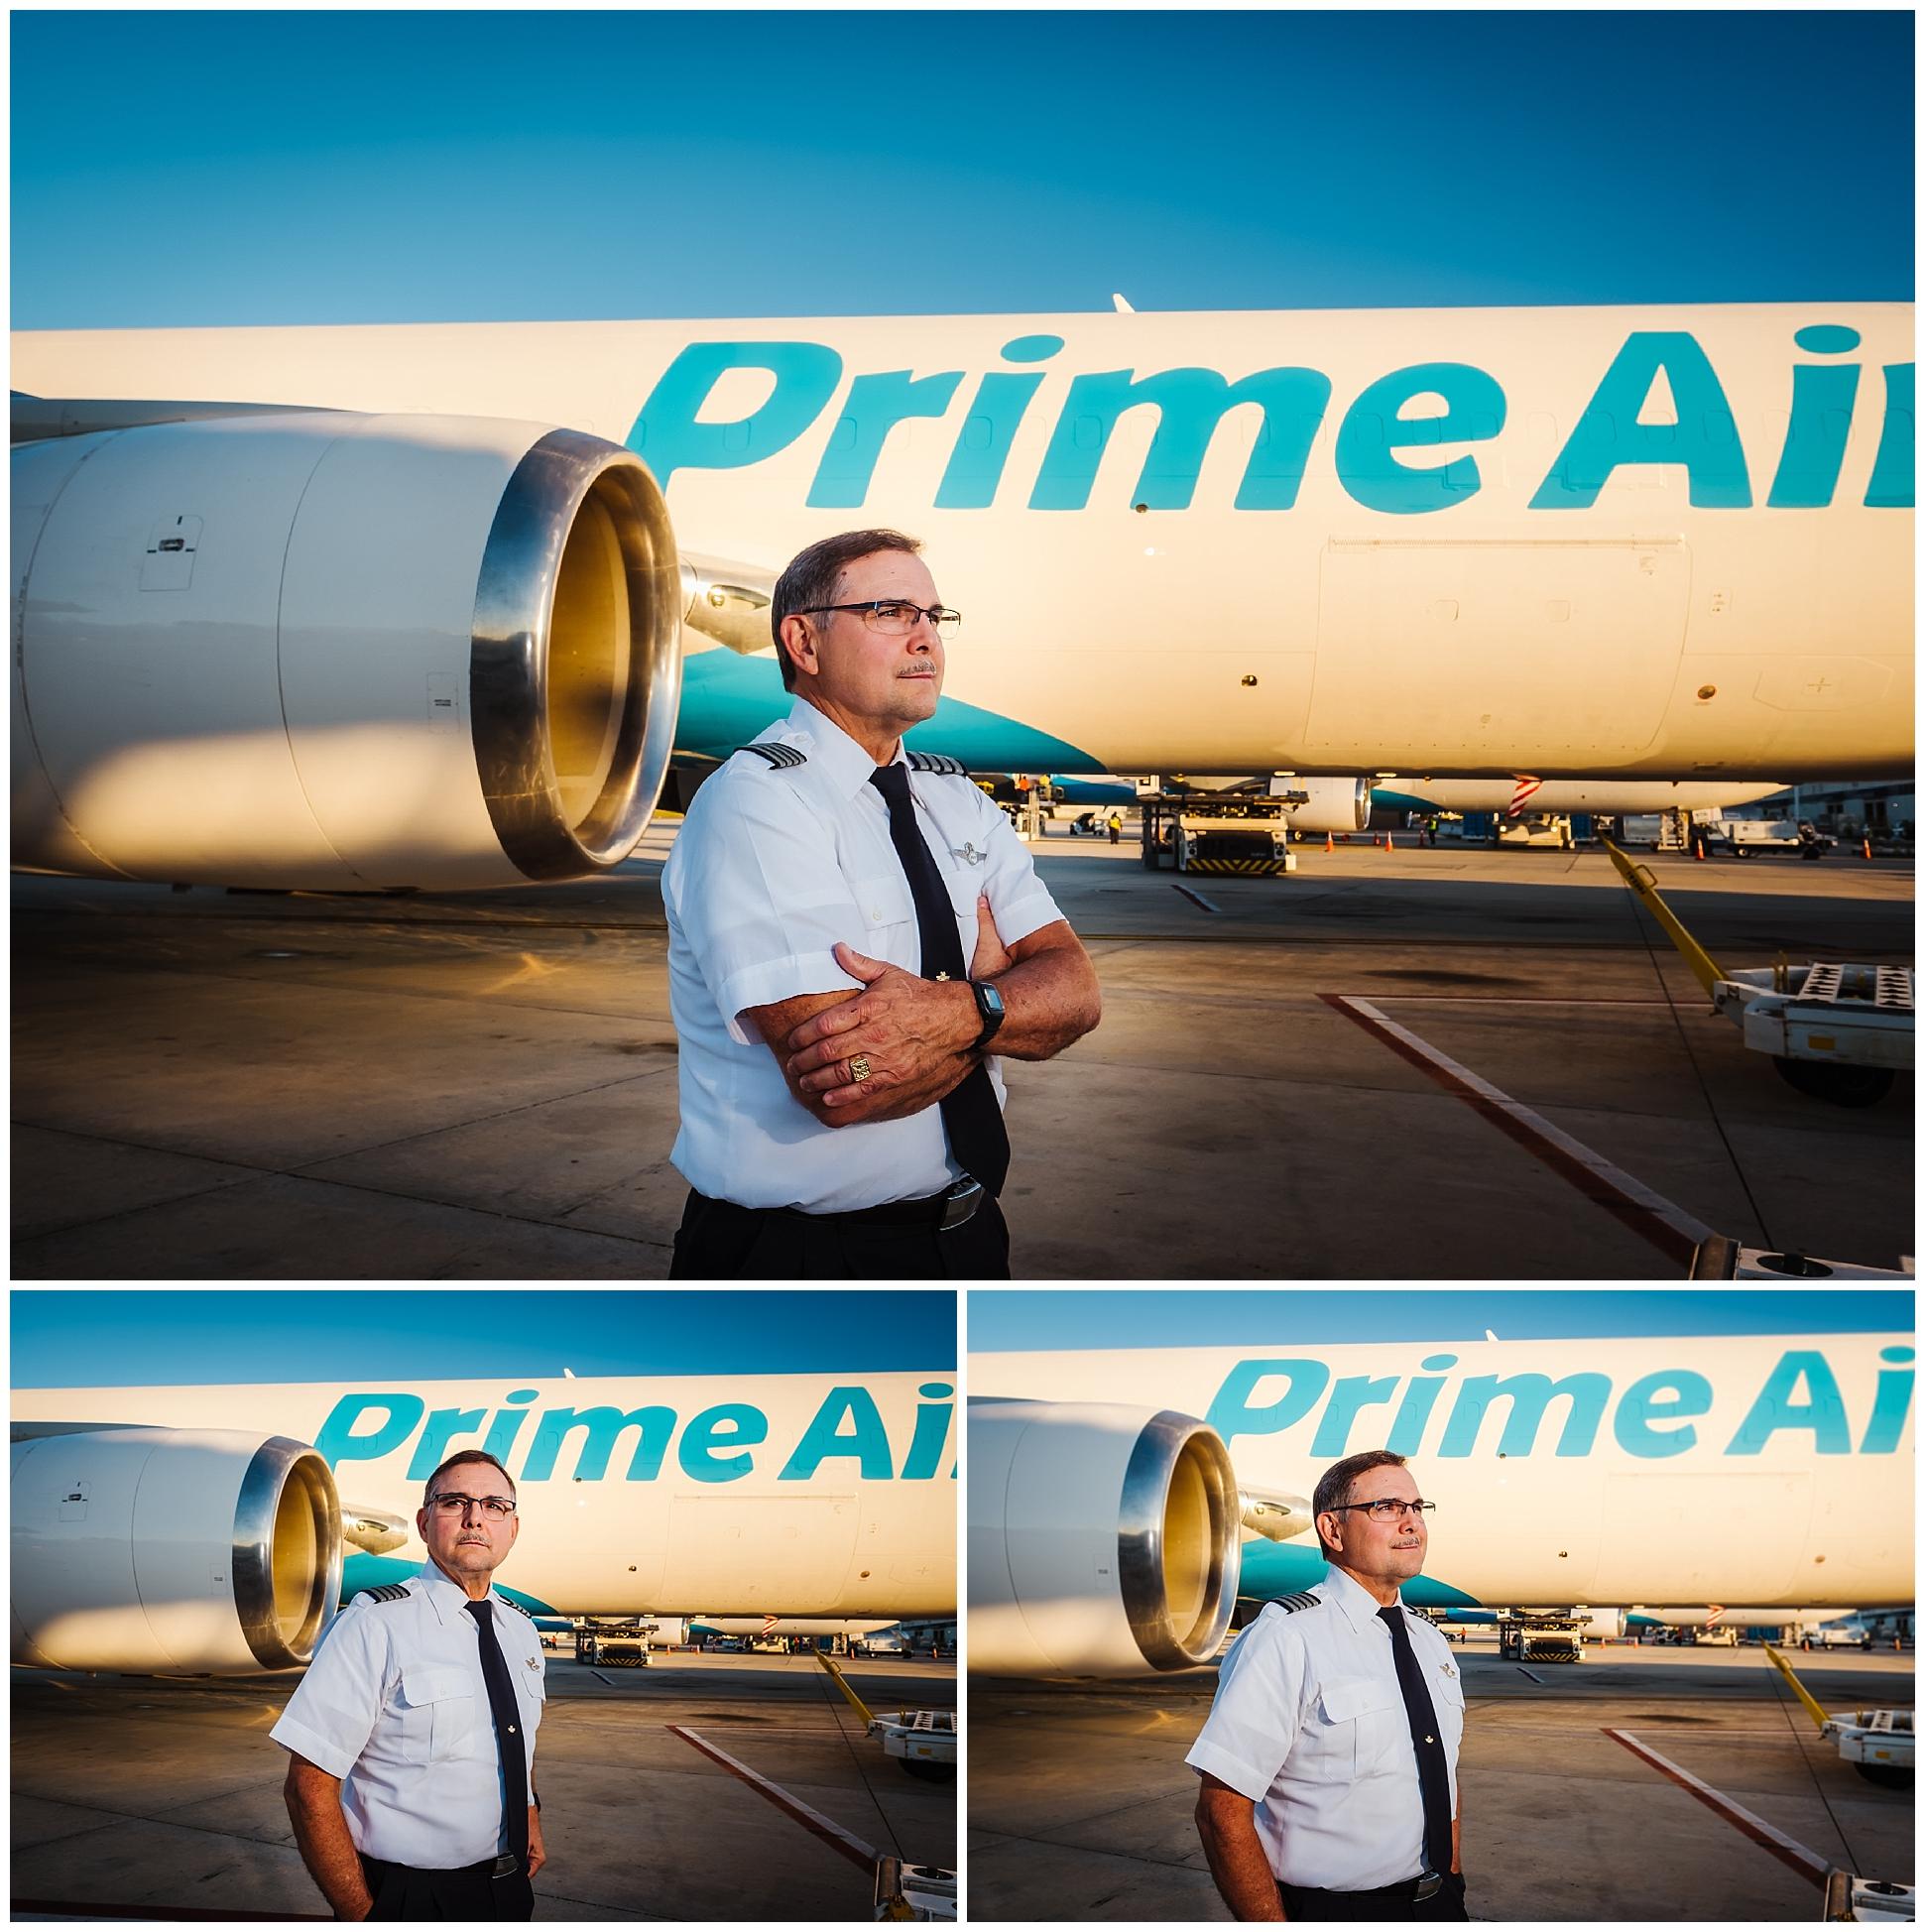 el-capitan-hamon-airline-pilot_4.jpg